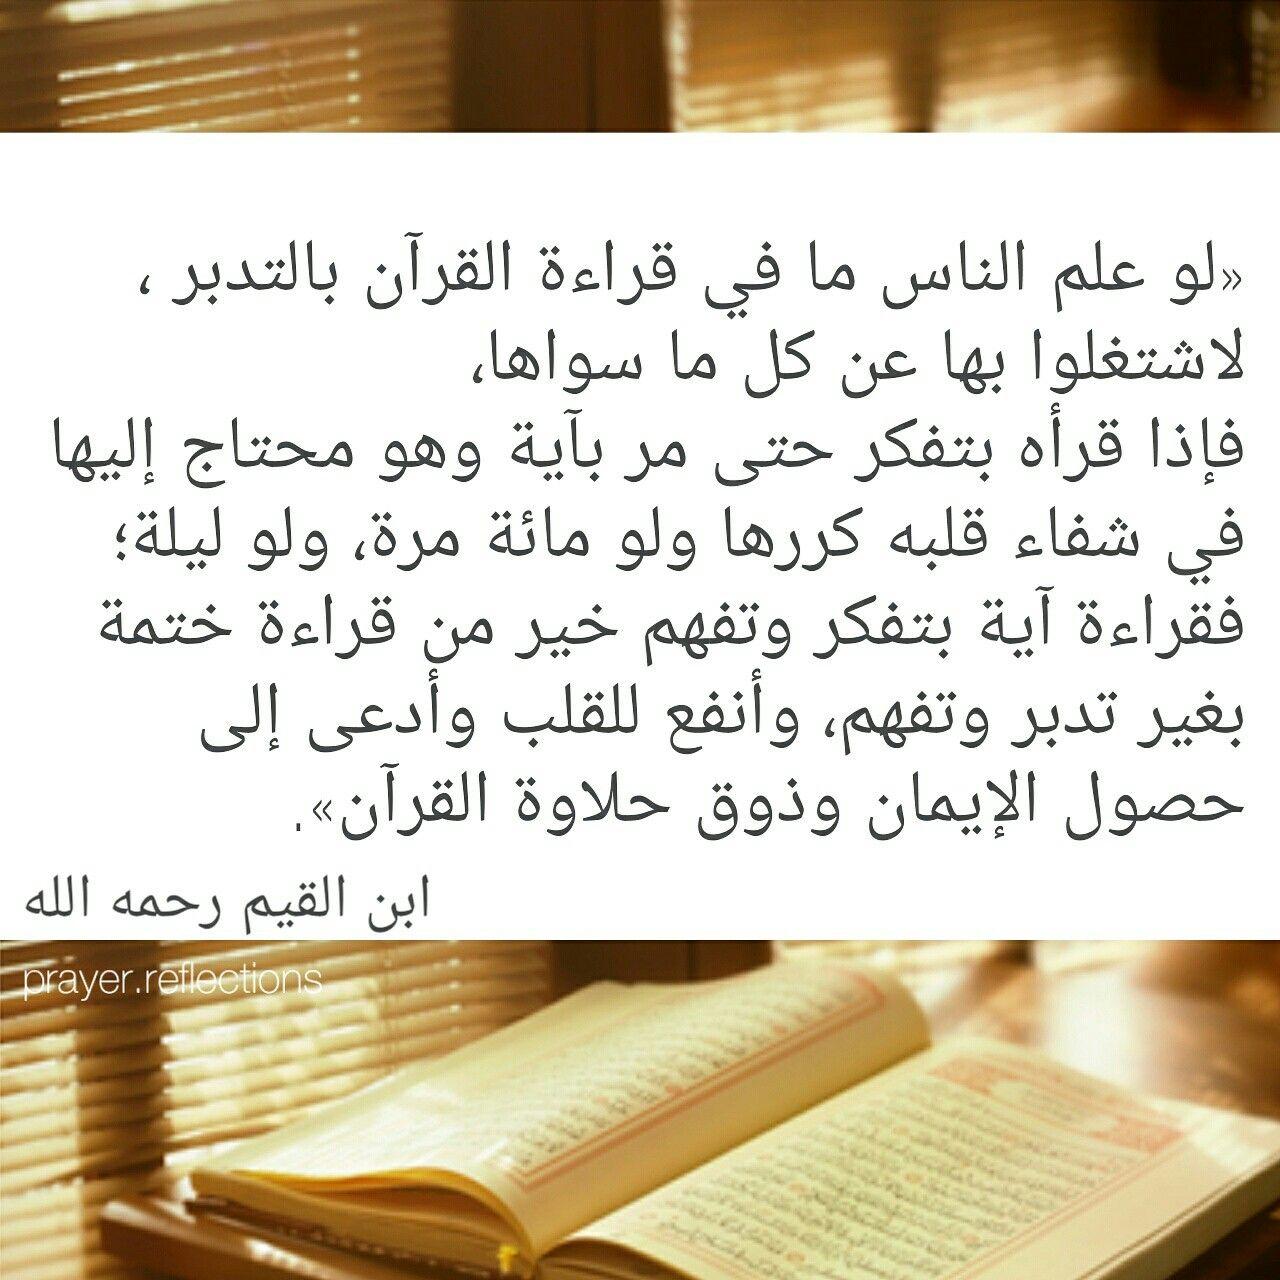 فضل تدبر القرآن ابن القيم Holy Quran Words Of Wisdom Arabic Words